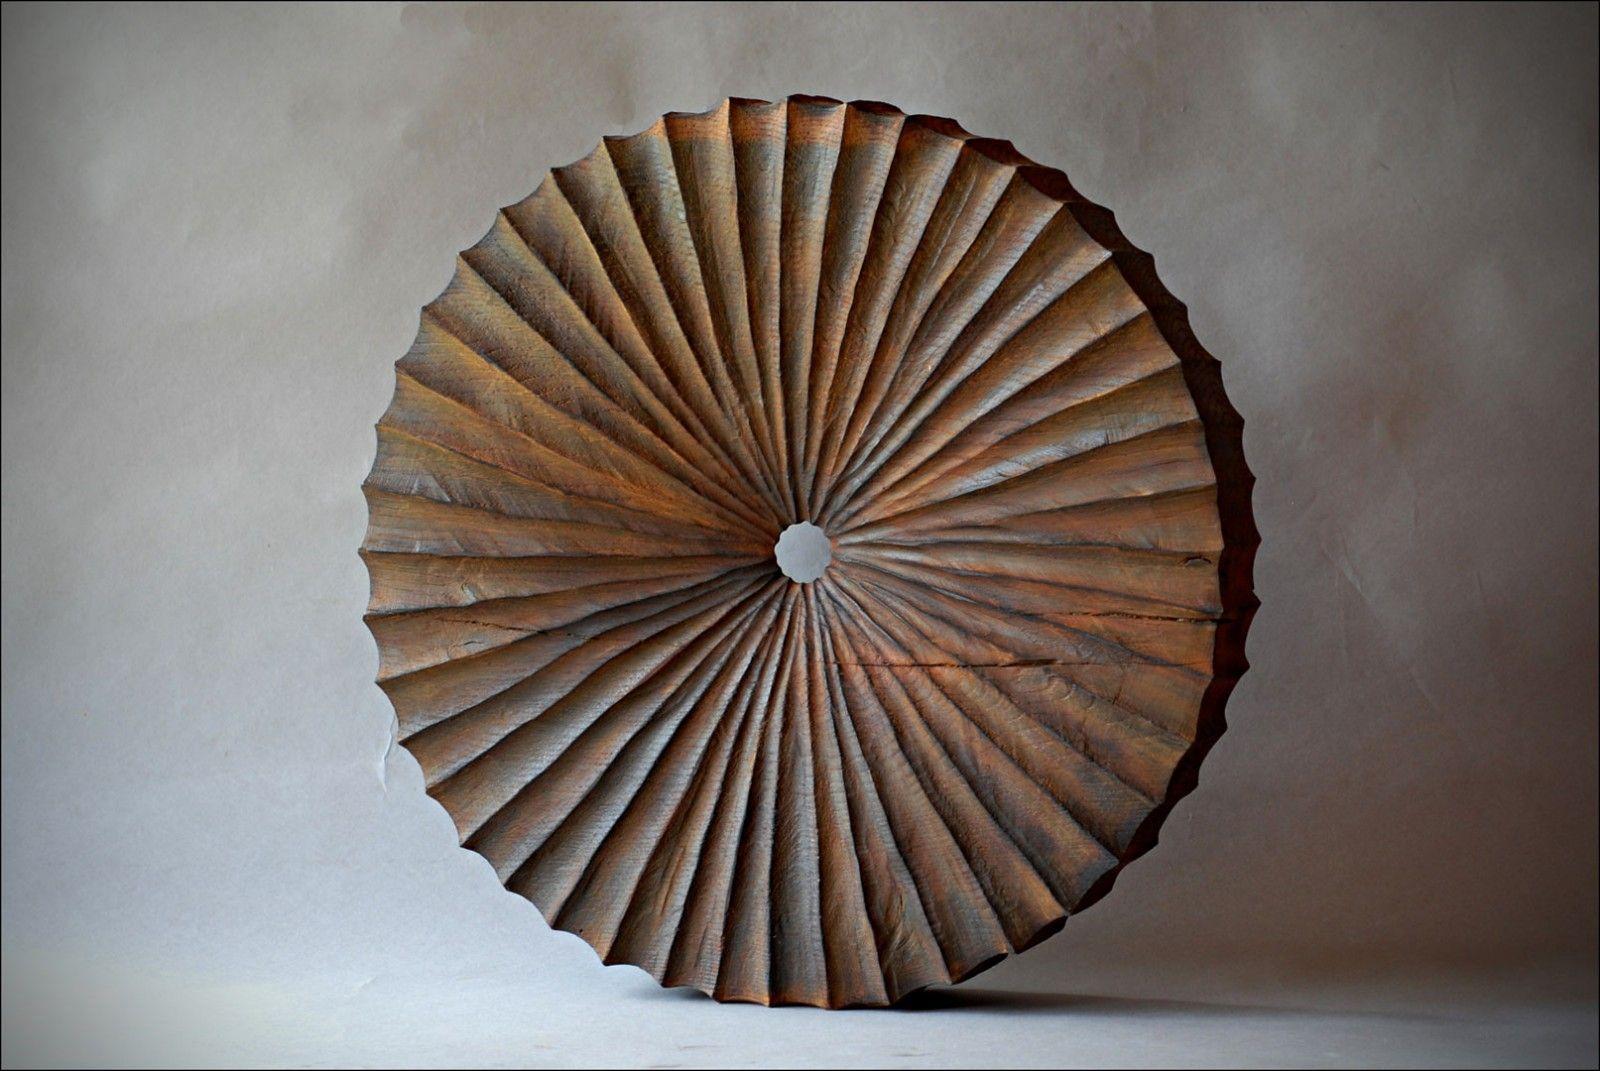 sculptures en bois pour la d coration et les architectes d 39 int rieur pi ces uniques sculpture. Black Bedroom Furniture Sets. Home Design Ideas